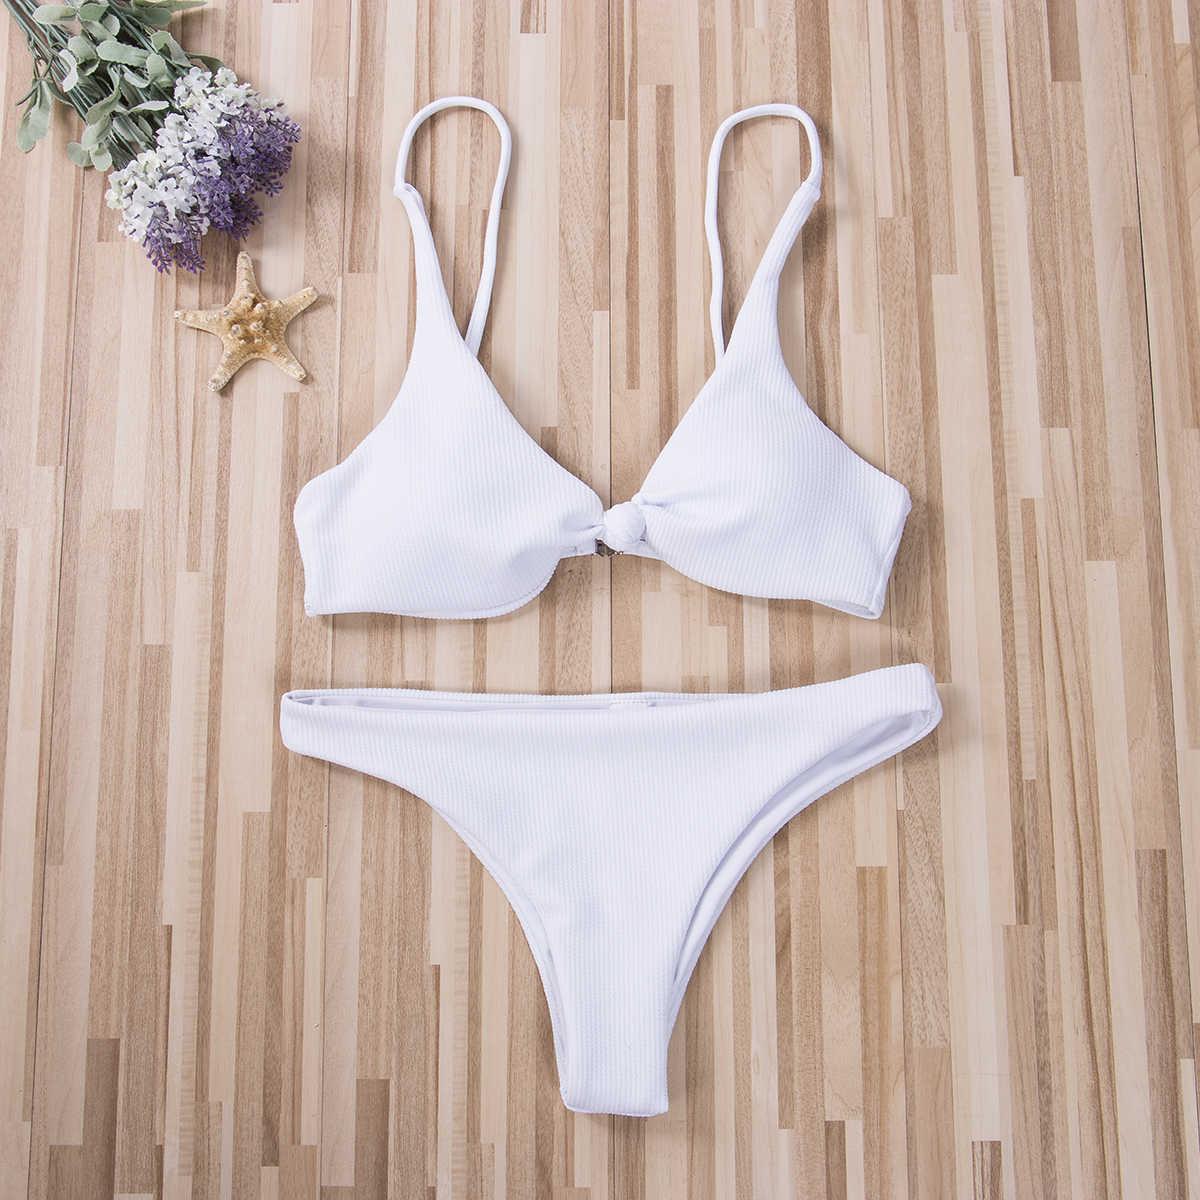 إمرأة مبطن دفع ما يصل الصدرية بلون مجموعة البكيني عقدة الجبهة ملابس السباحة الاستحمام الصيف Beachsuit